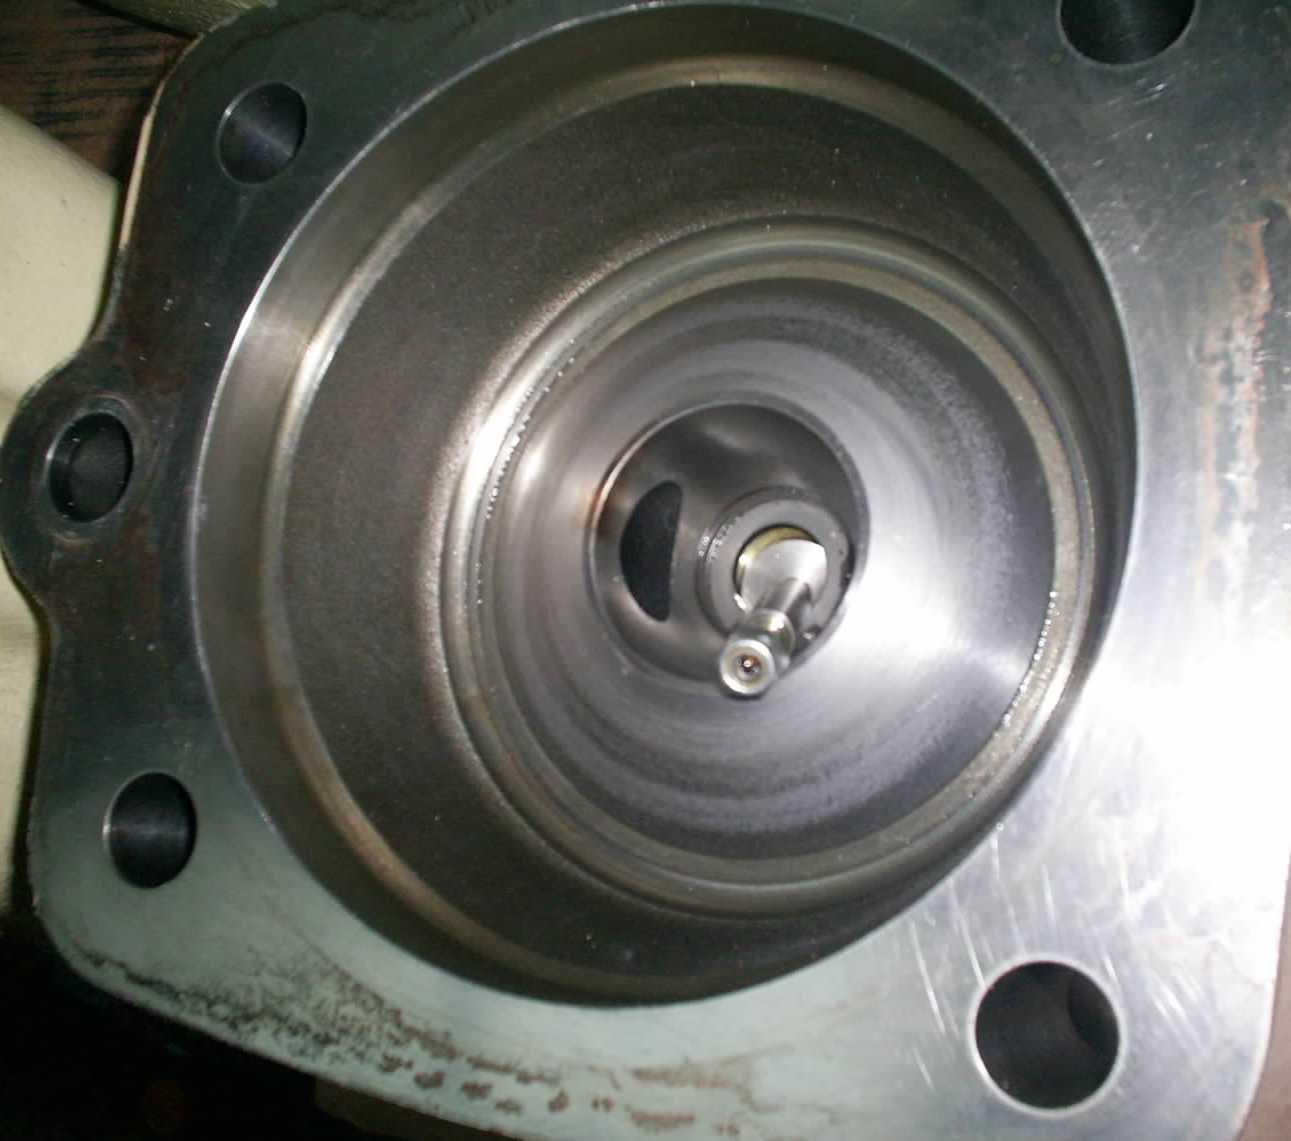 moteur_hydraulique_parker_denison_calzoni1.JPG